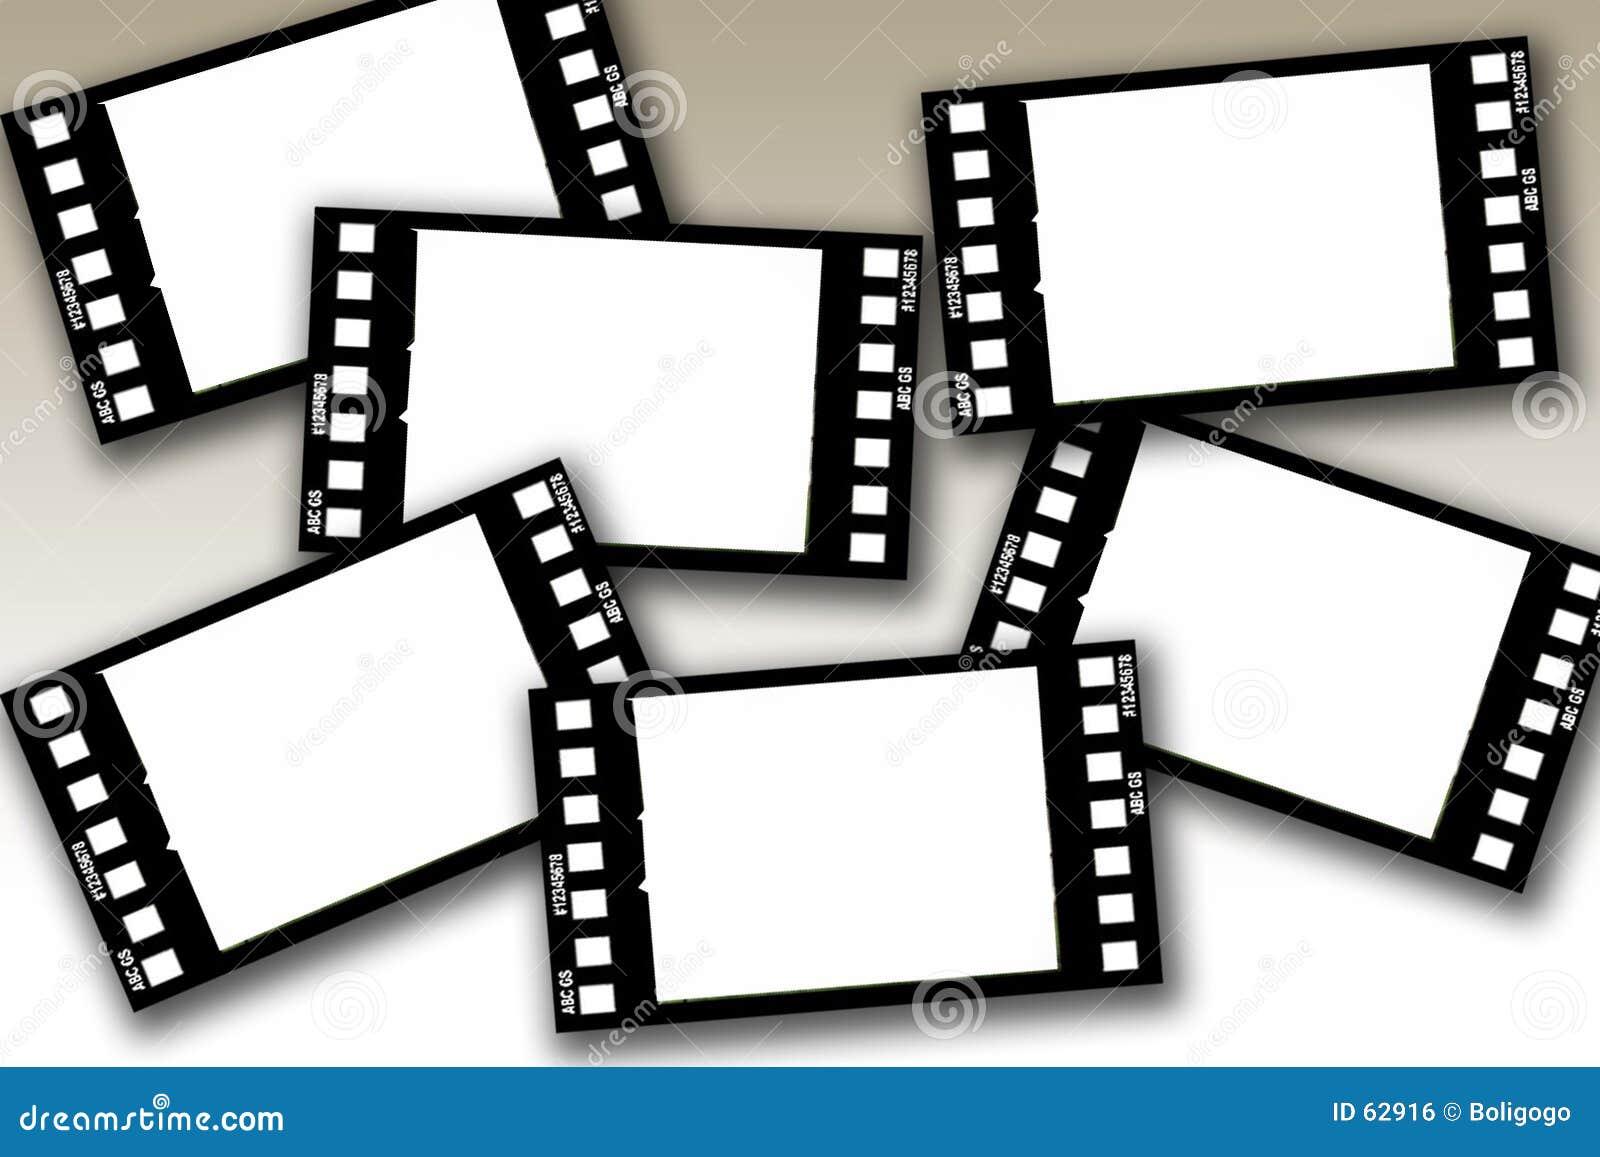 Download Marcos de película stock de ilustración. Ilustración de arte - 62916